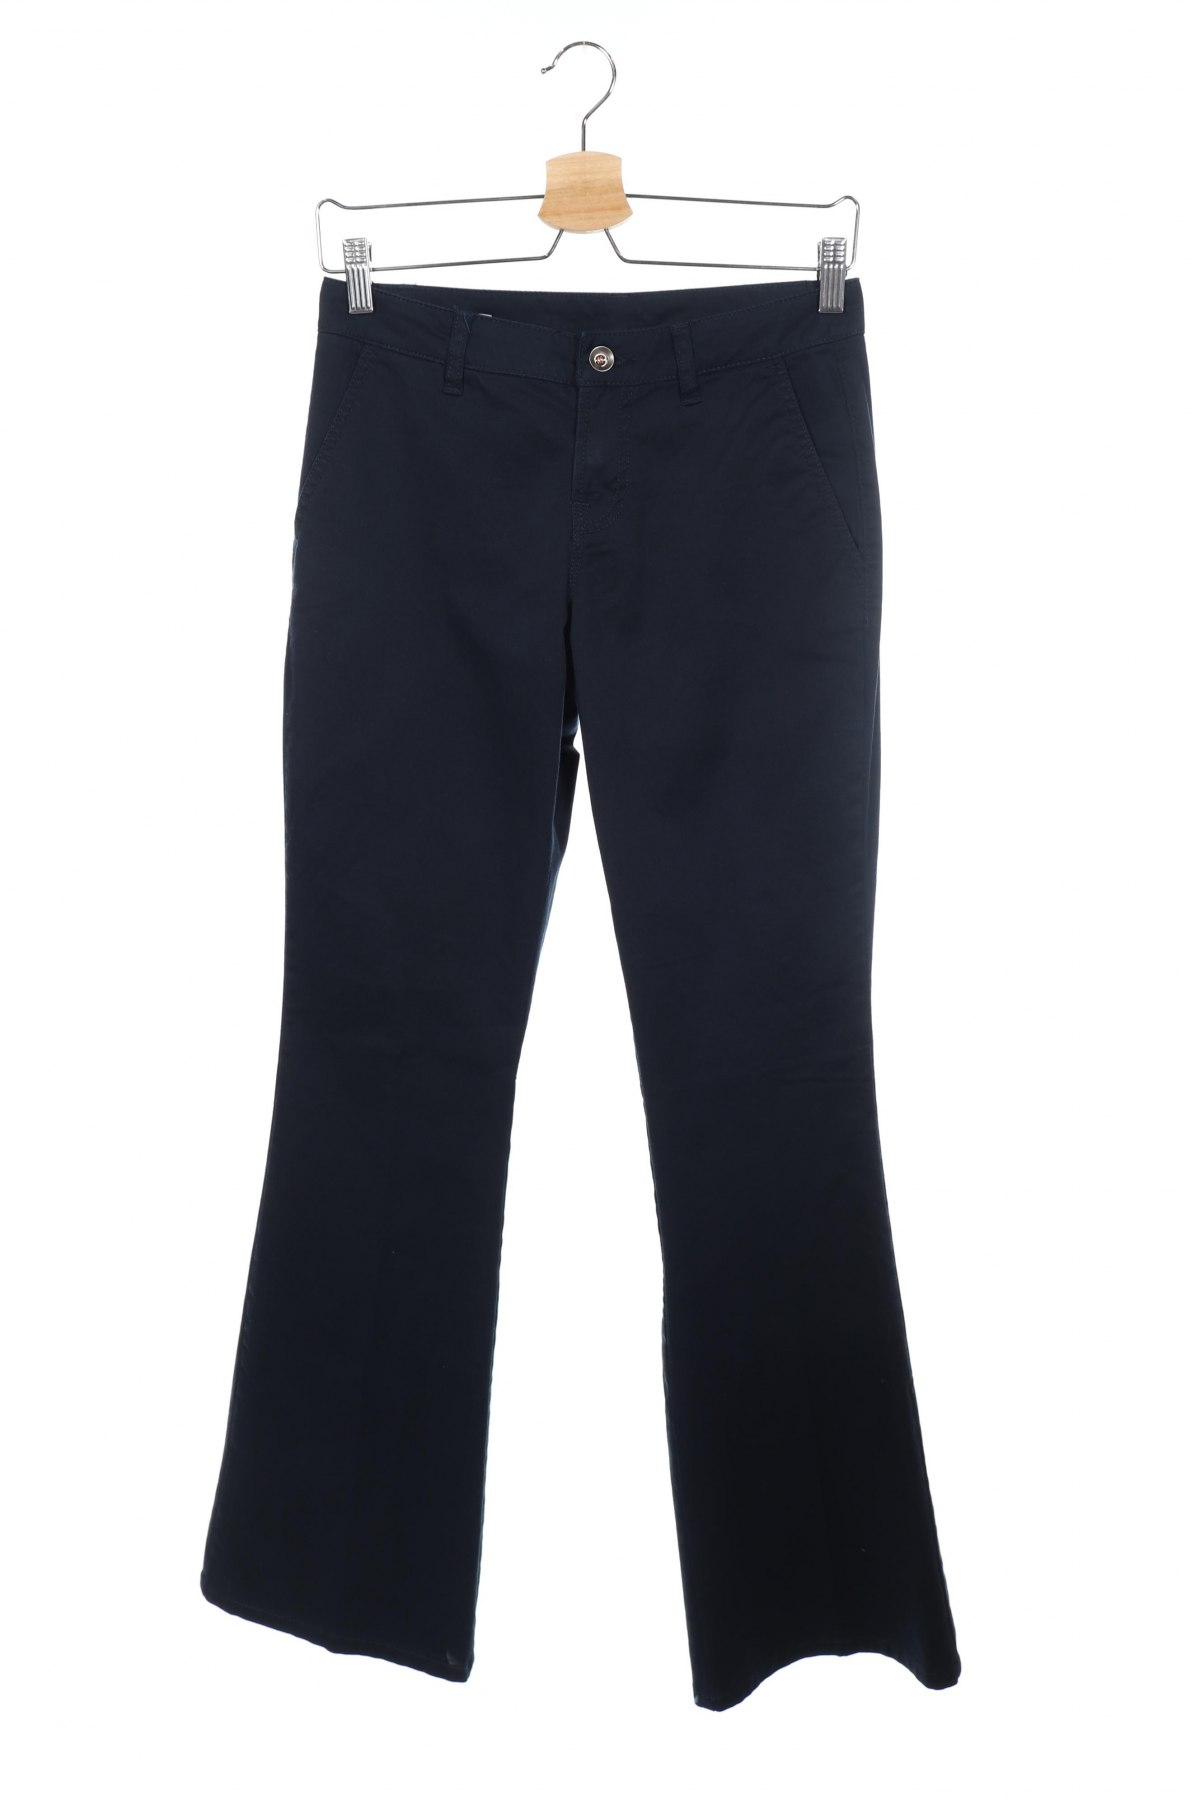 Дамски панталон United Colors Of Benetton, Размер XS, Цвят Син, 98% памук, 2% еластан, Цена 22,25лв.